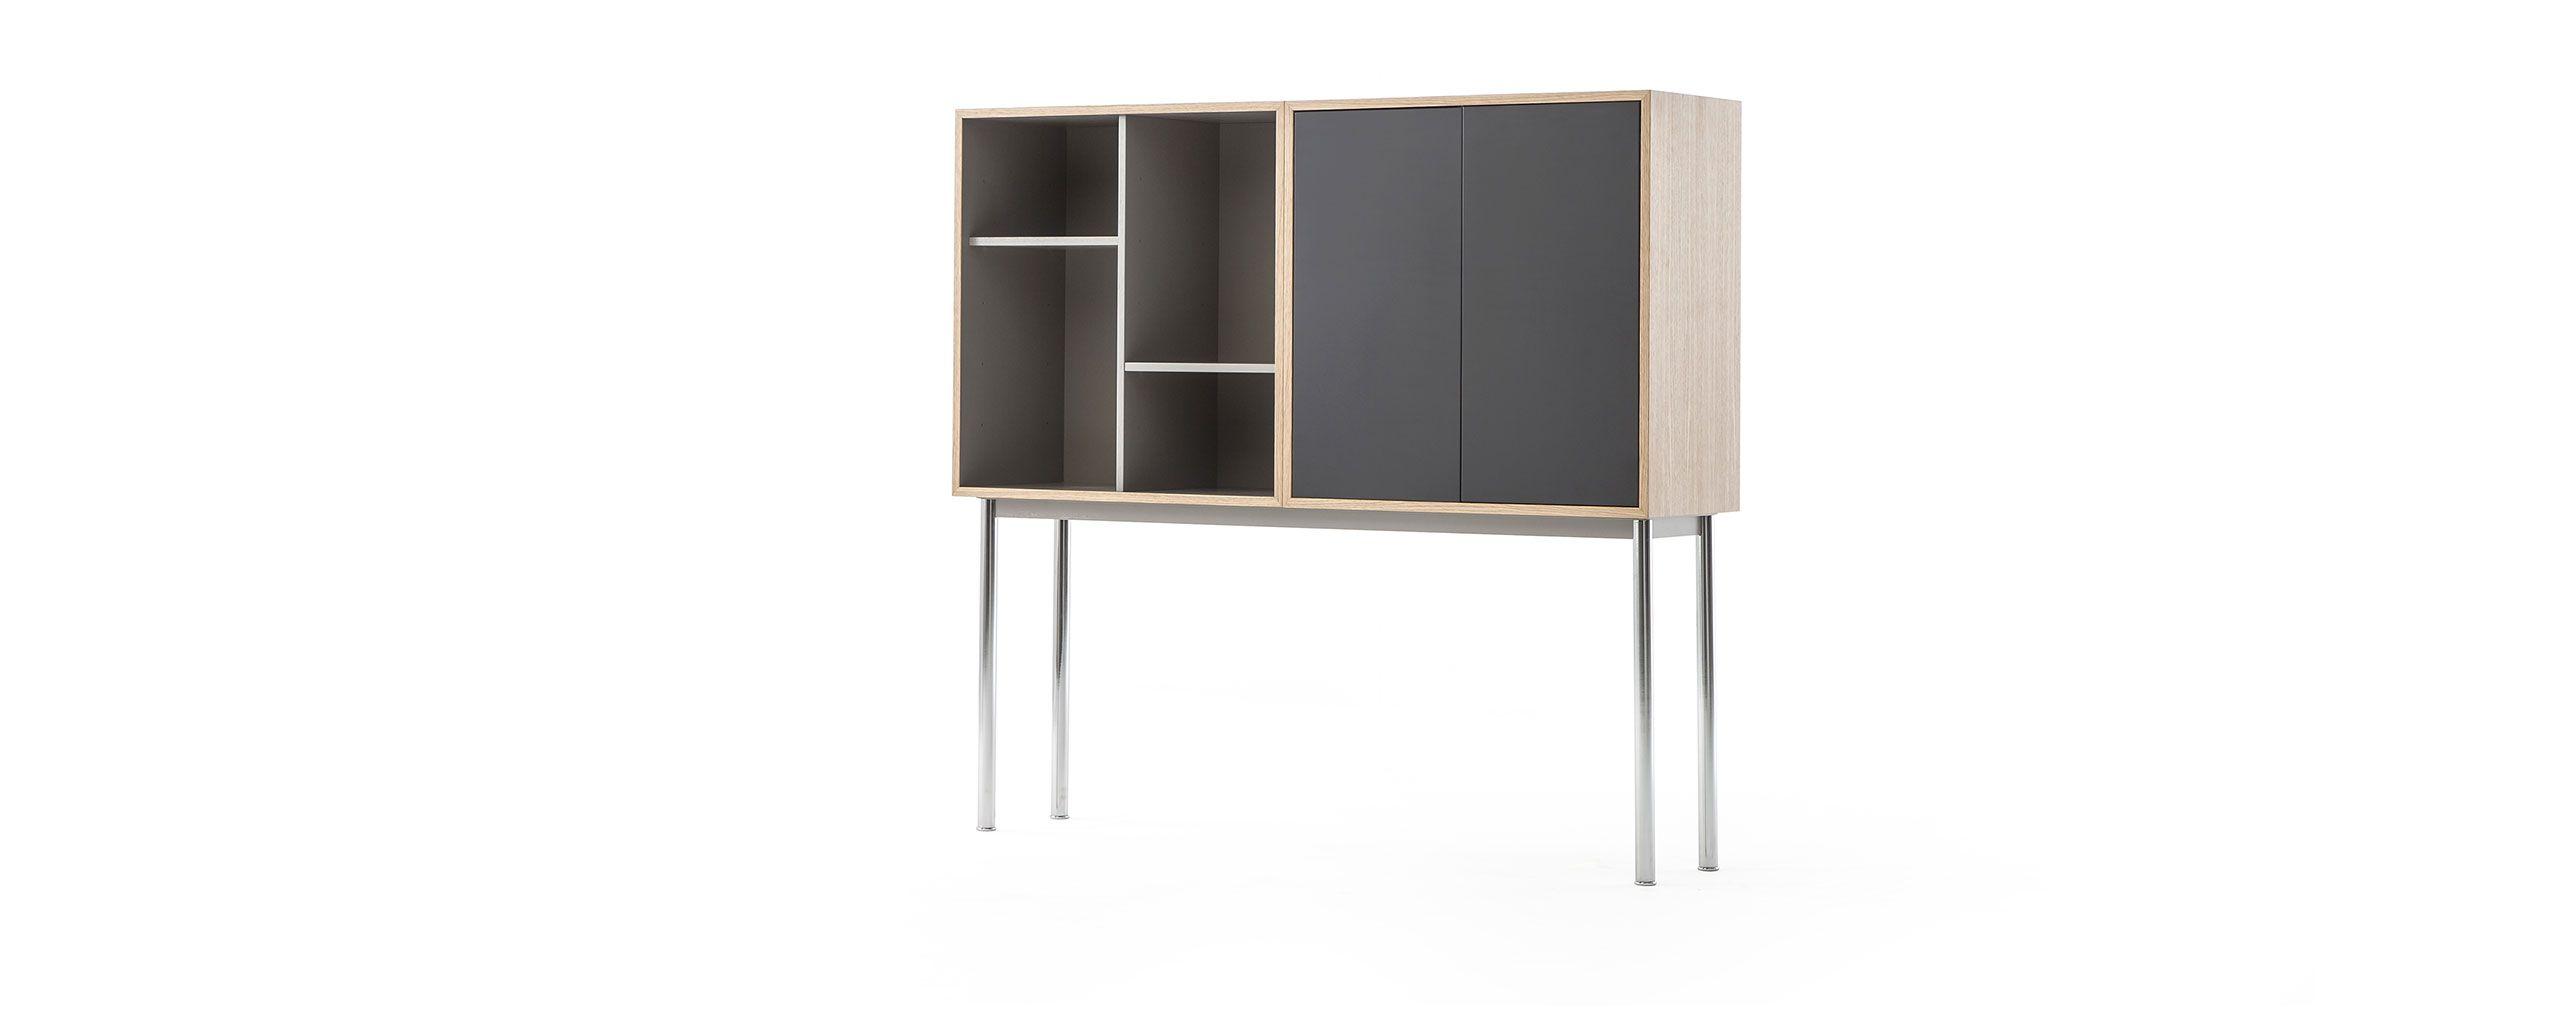 fe0d488e105efb48d289baf37a9463c3 Incroyable De Table Basse Le Corbusier Concept